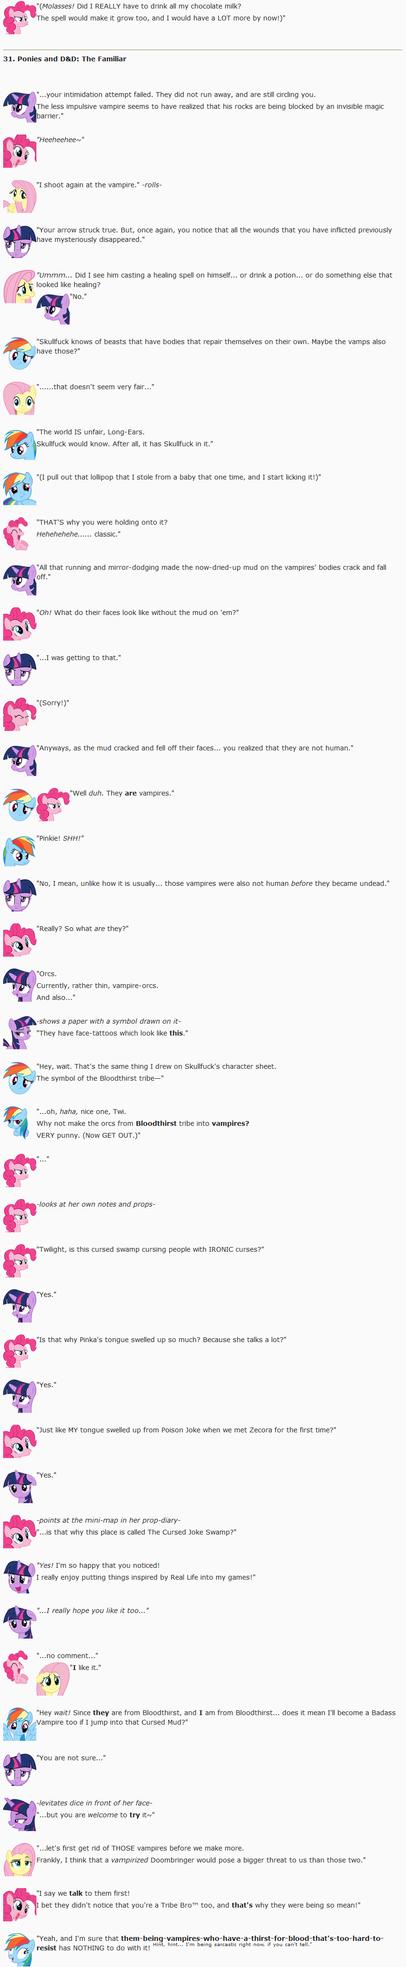 31. Ponies and DnD: The Familiar by dziadek1990